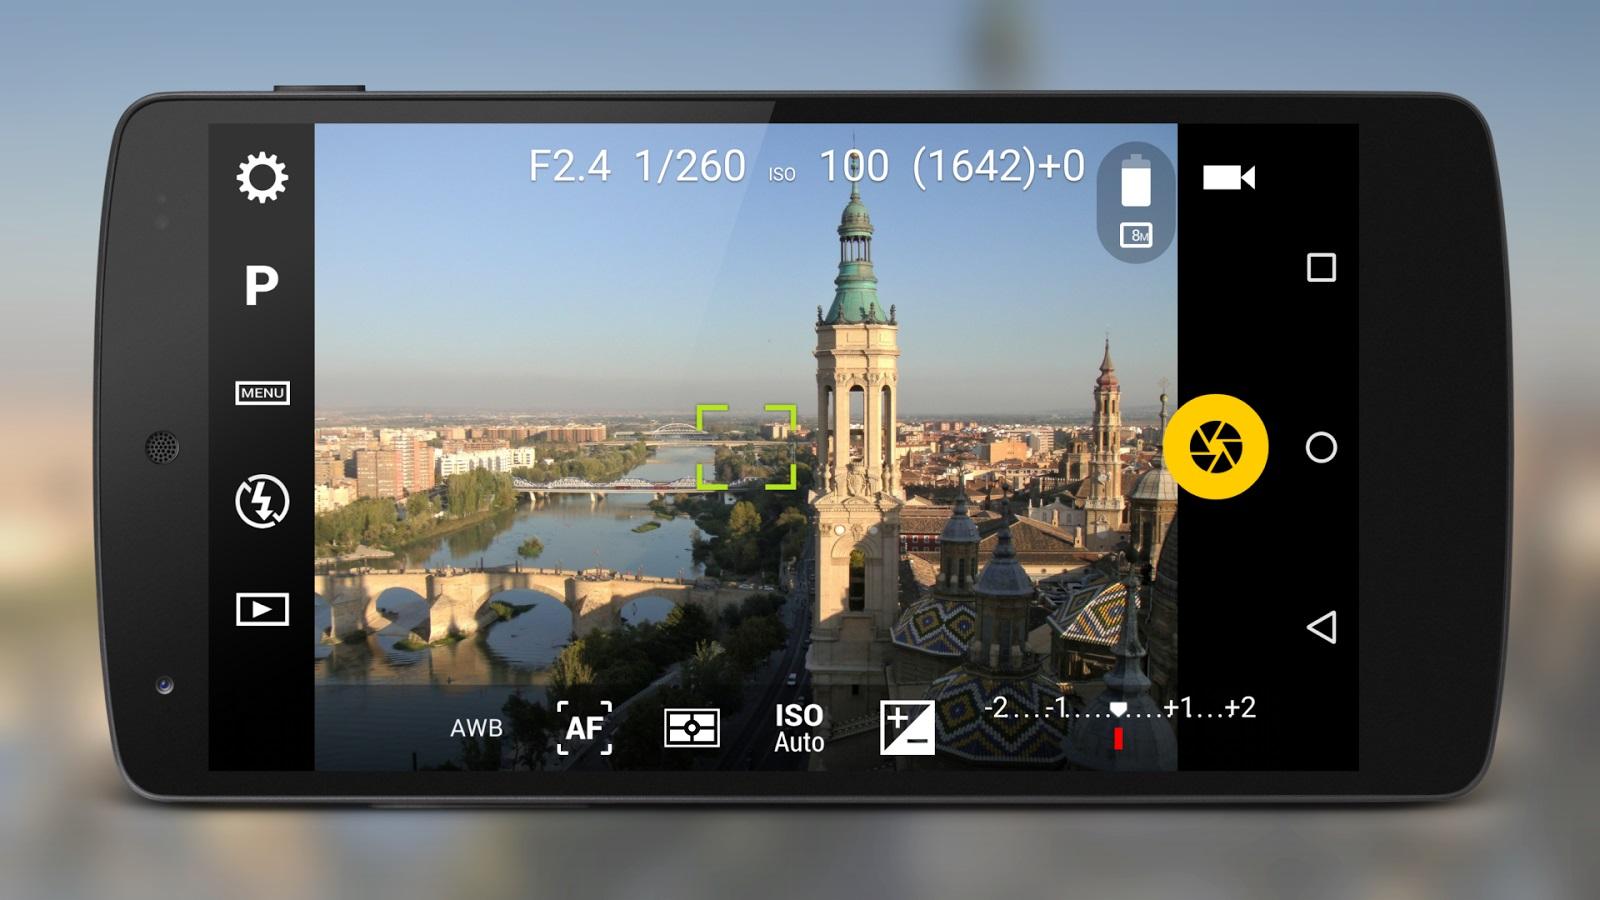 camera fv 5 pro скачать на андроид бесплатно полная версия